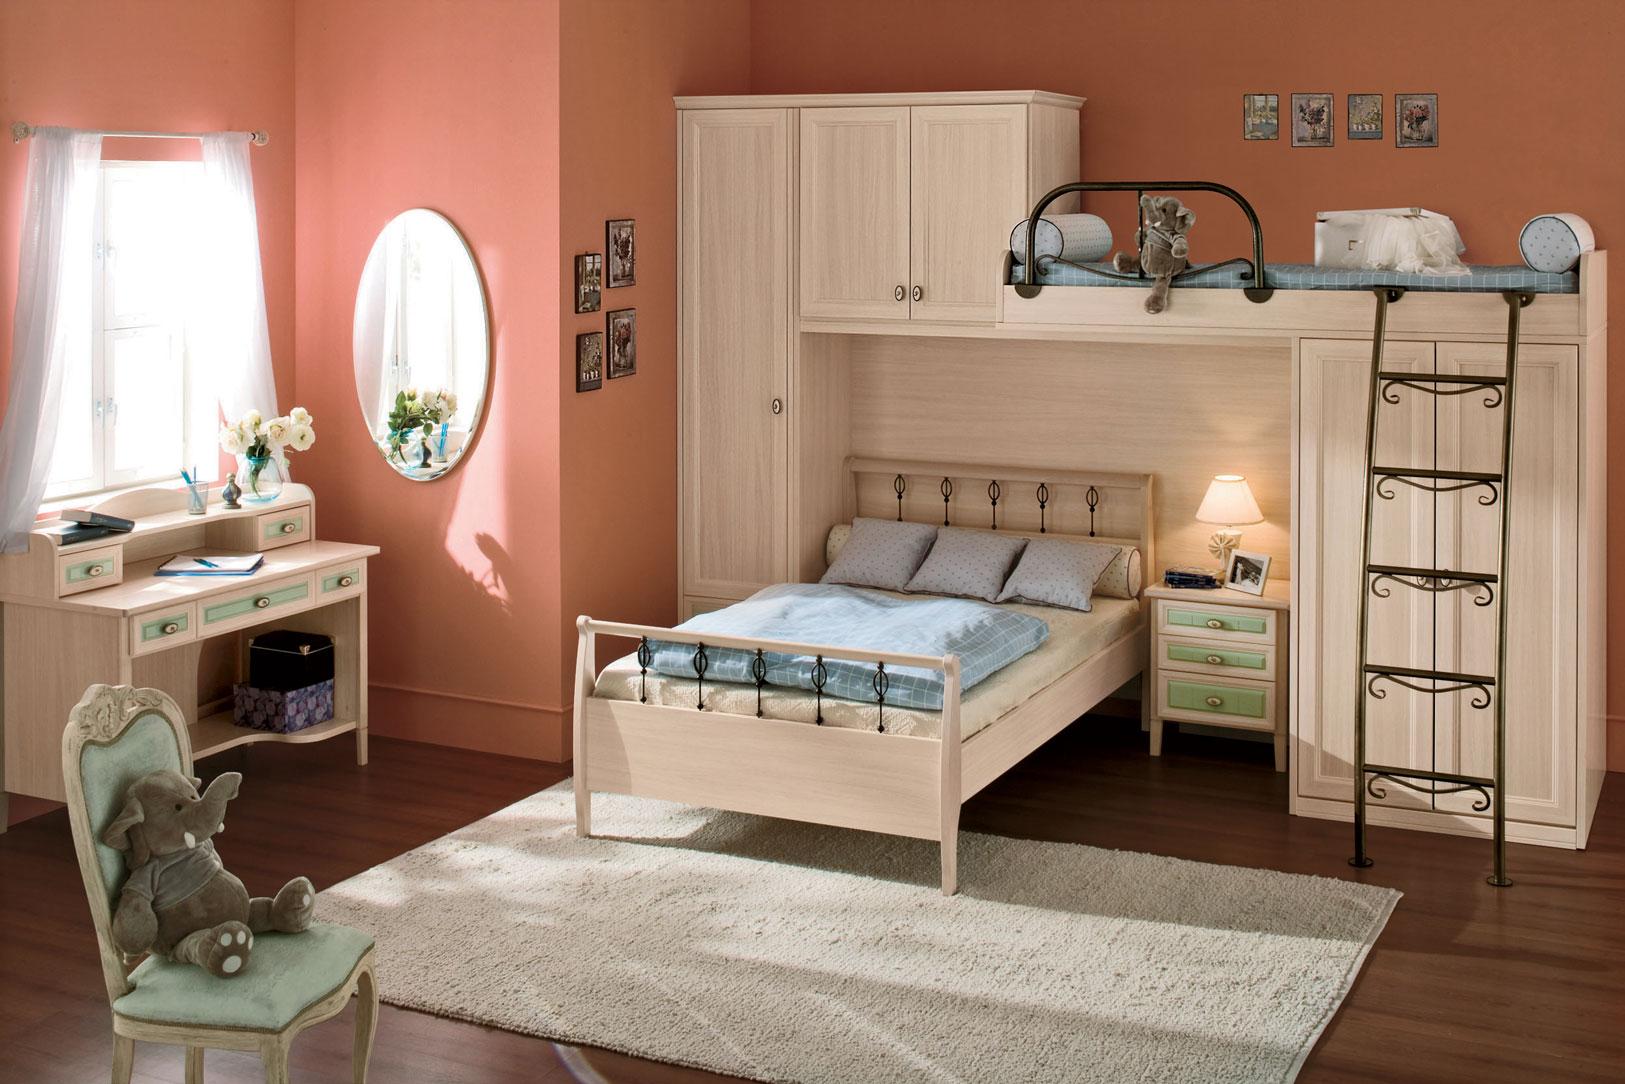 Kid's Rooms From Russian Maker:Akossta on Teenage:m5Lo5Qnshca= Room Ideas  id=77604